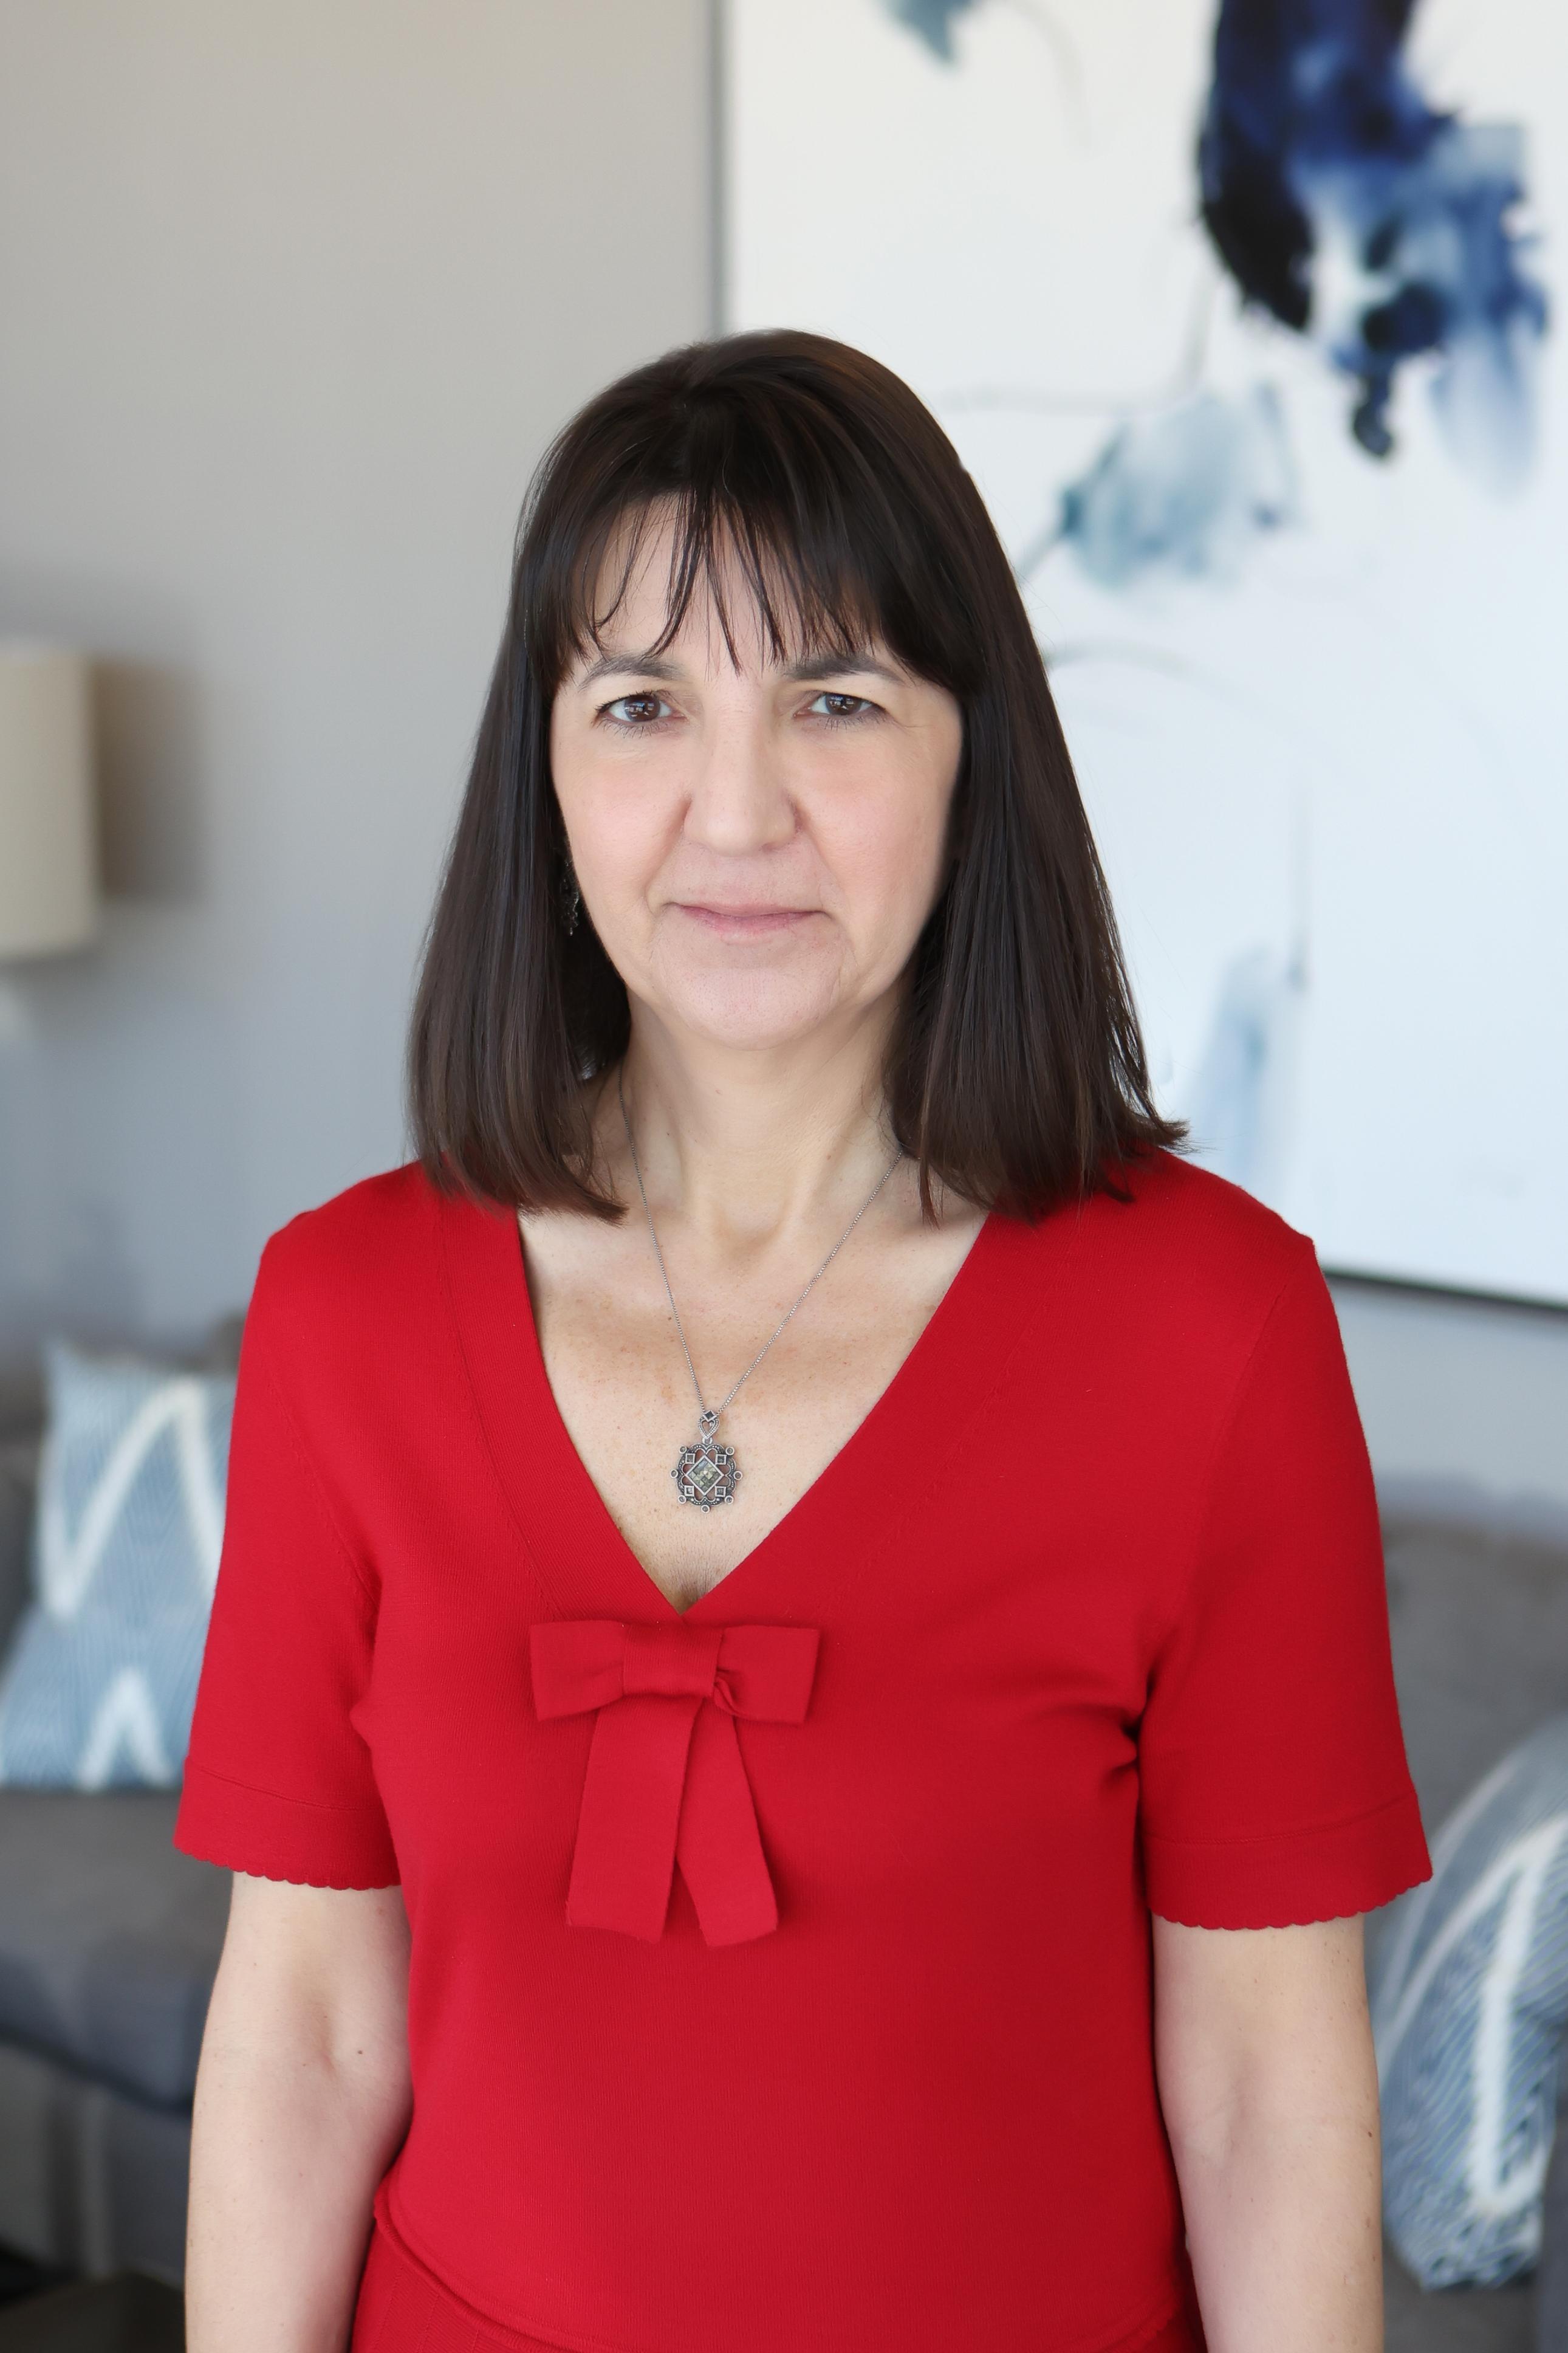 Carolyn undefined Barnes-Fairley